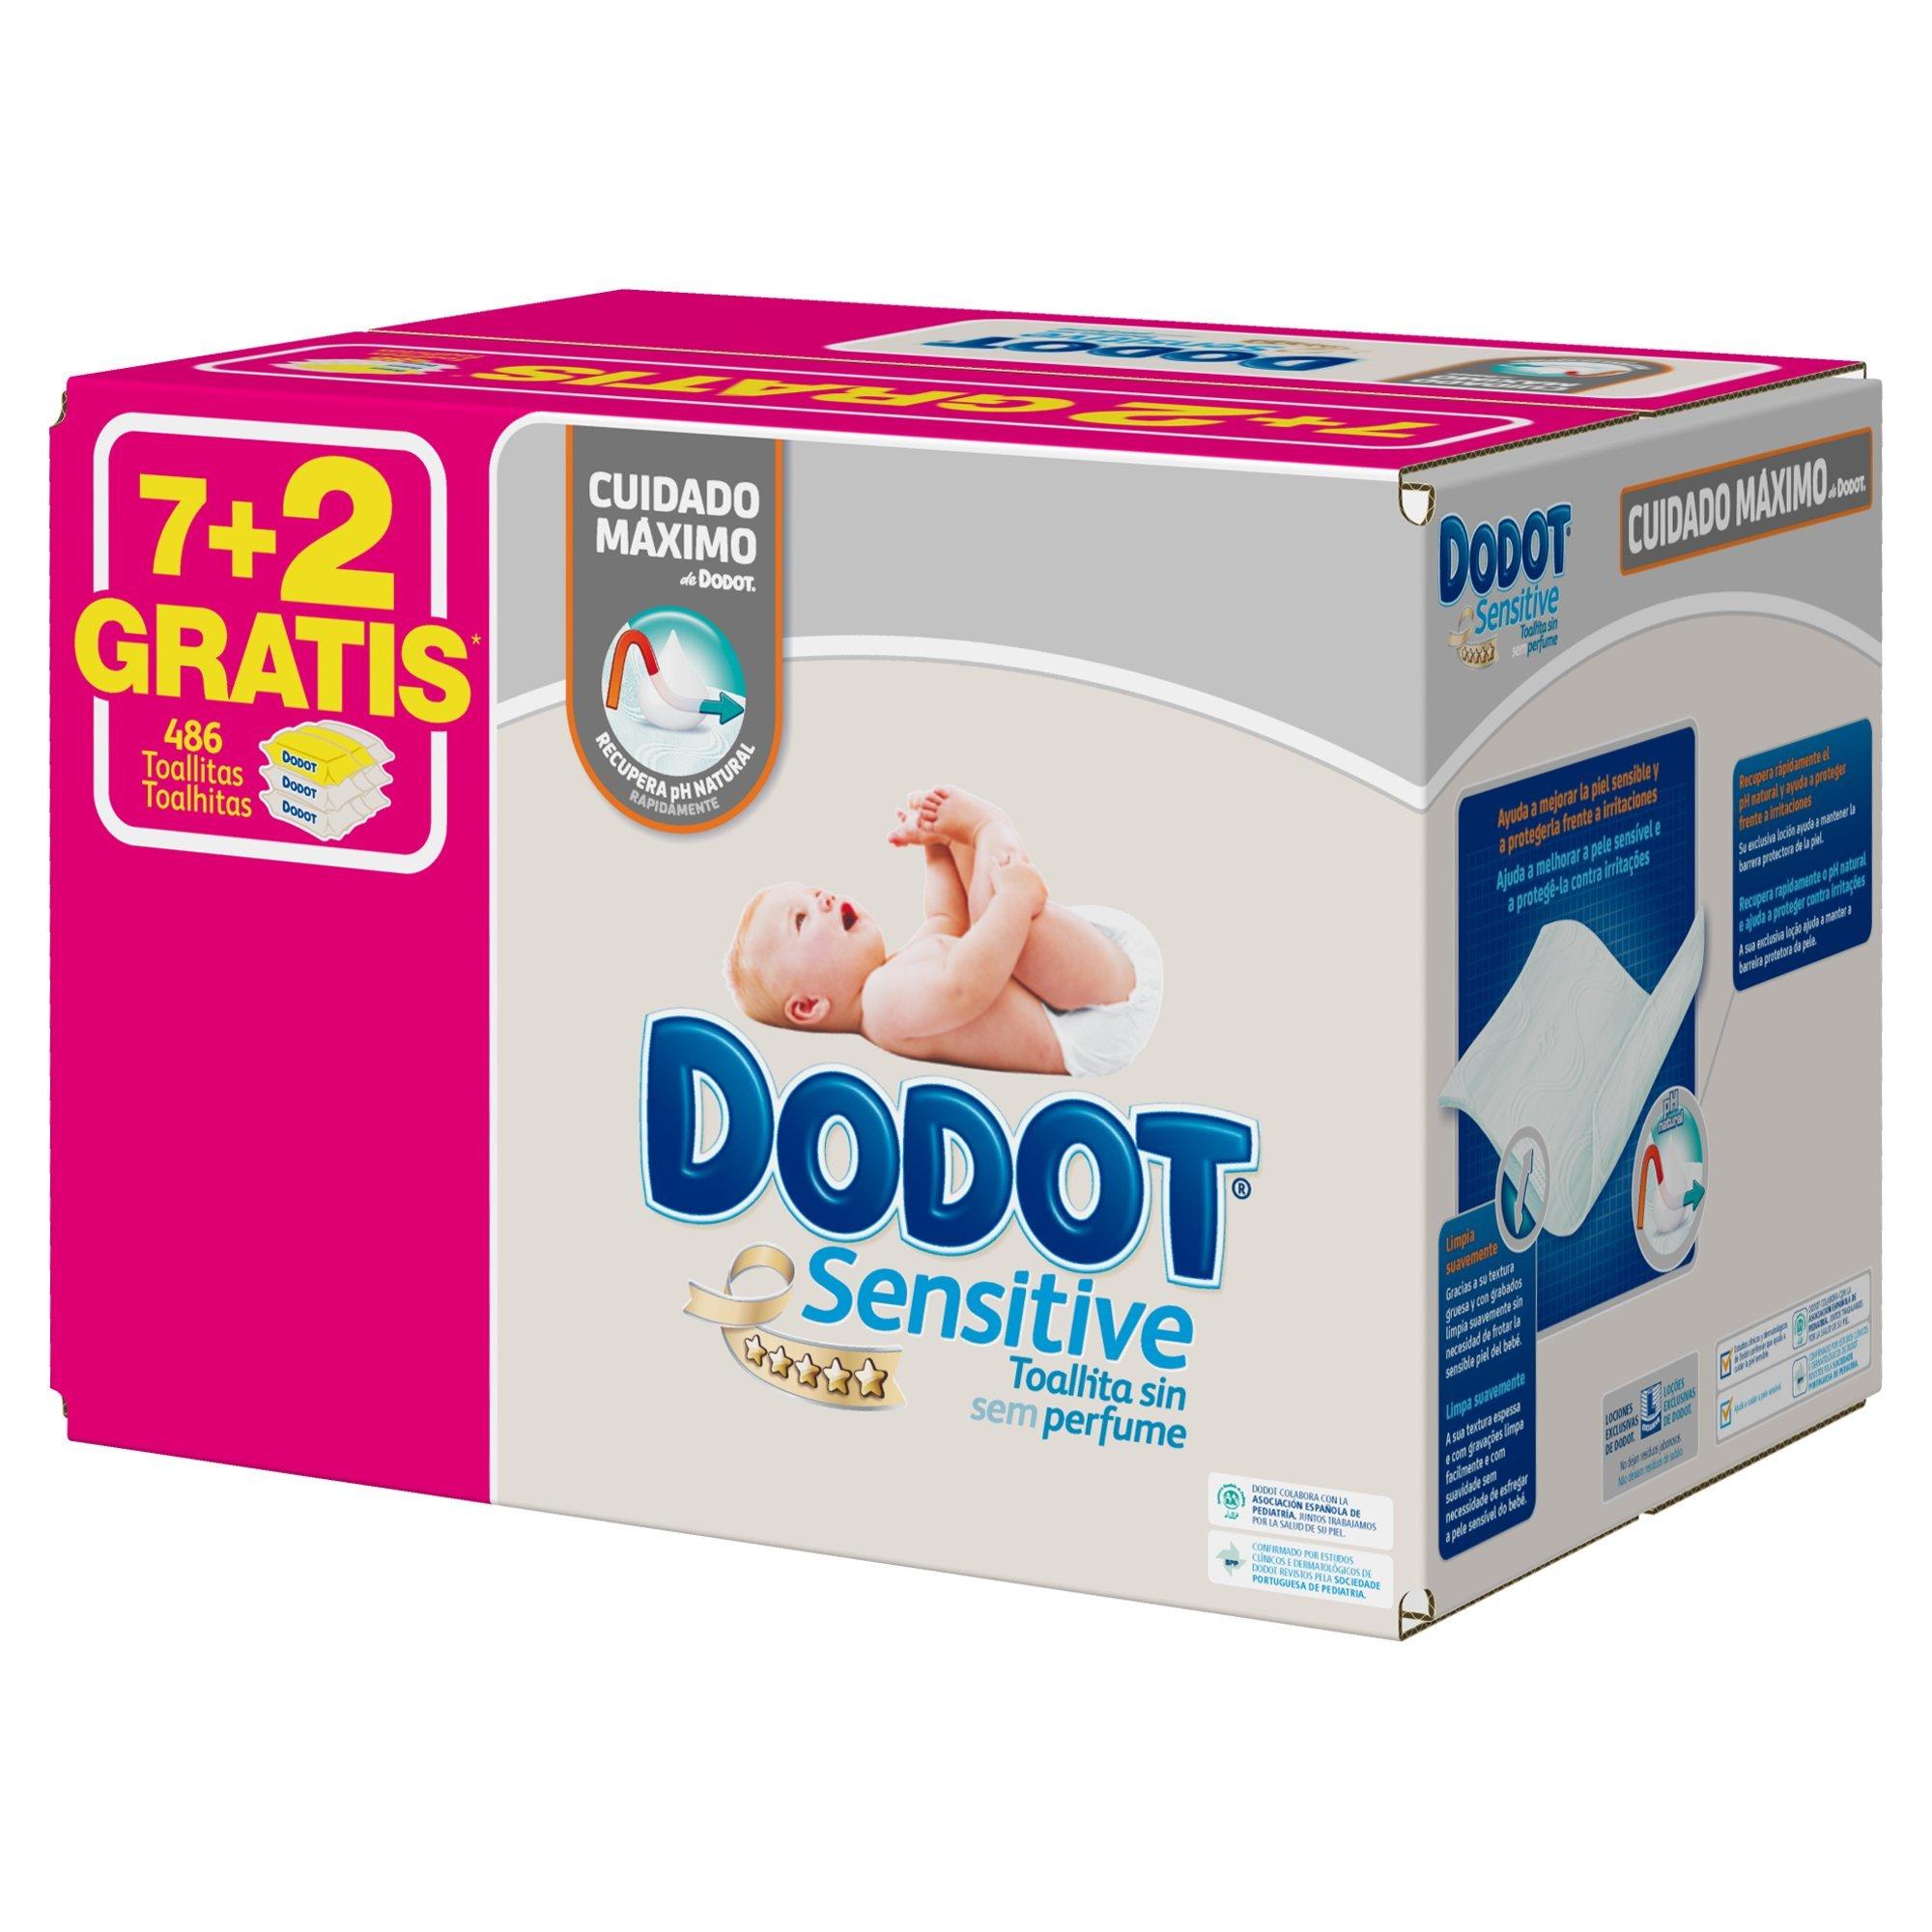 Dodot Toallitas Sensitive - 9 Paquetes de 54 unidades - Total: 486 Toallitas product image